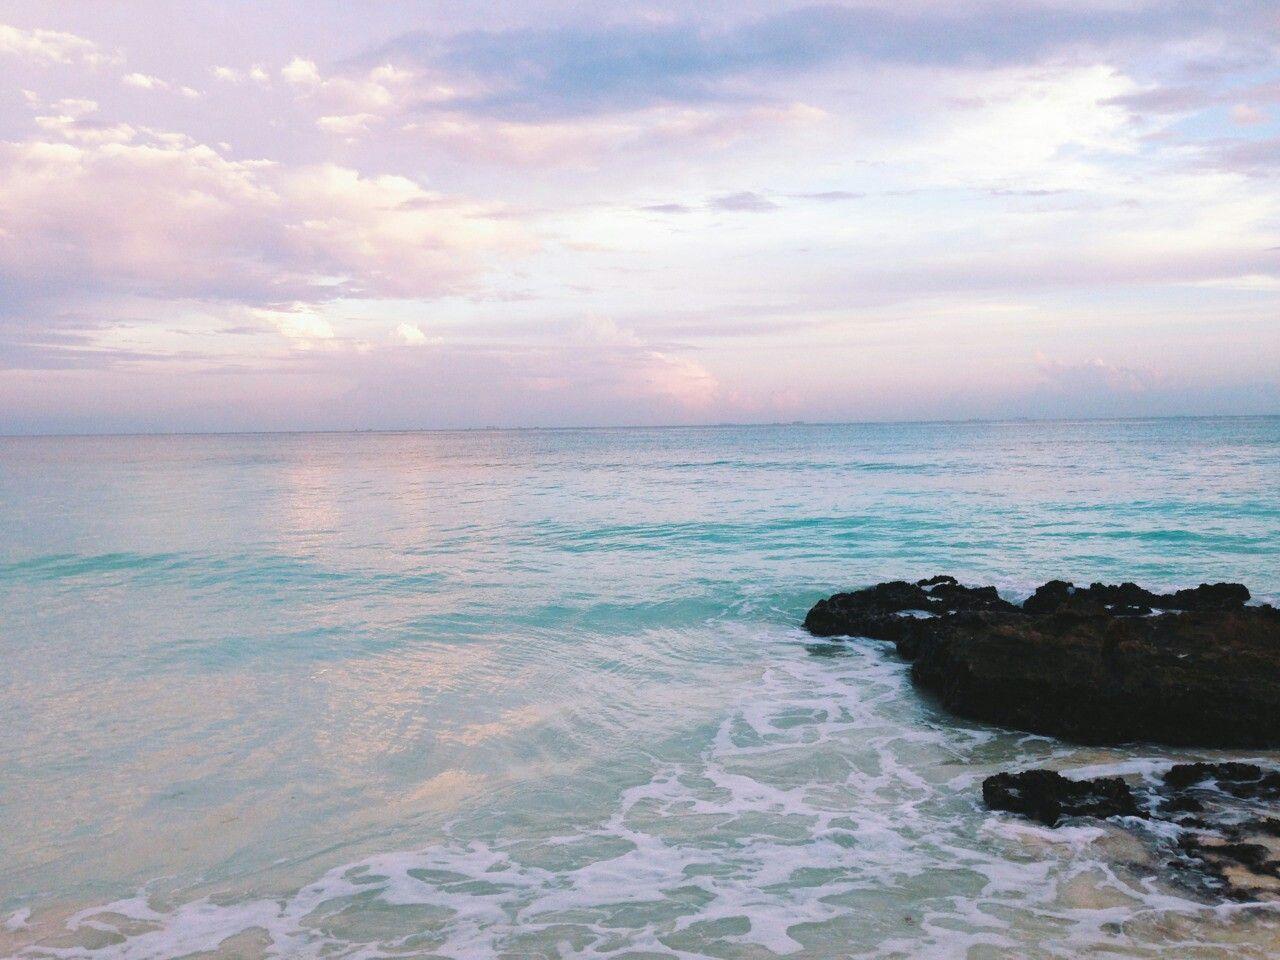 Pastel oceanaesthetic Beach, Summer vibes, Ocean